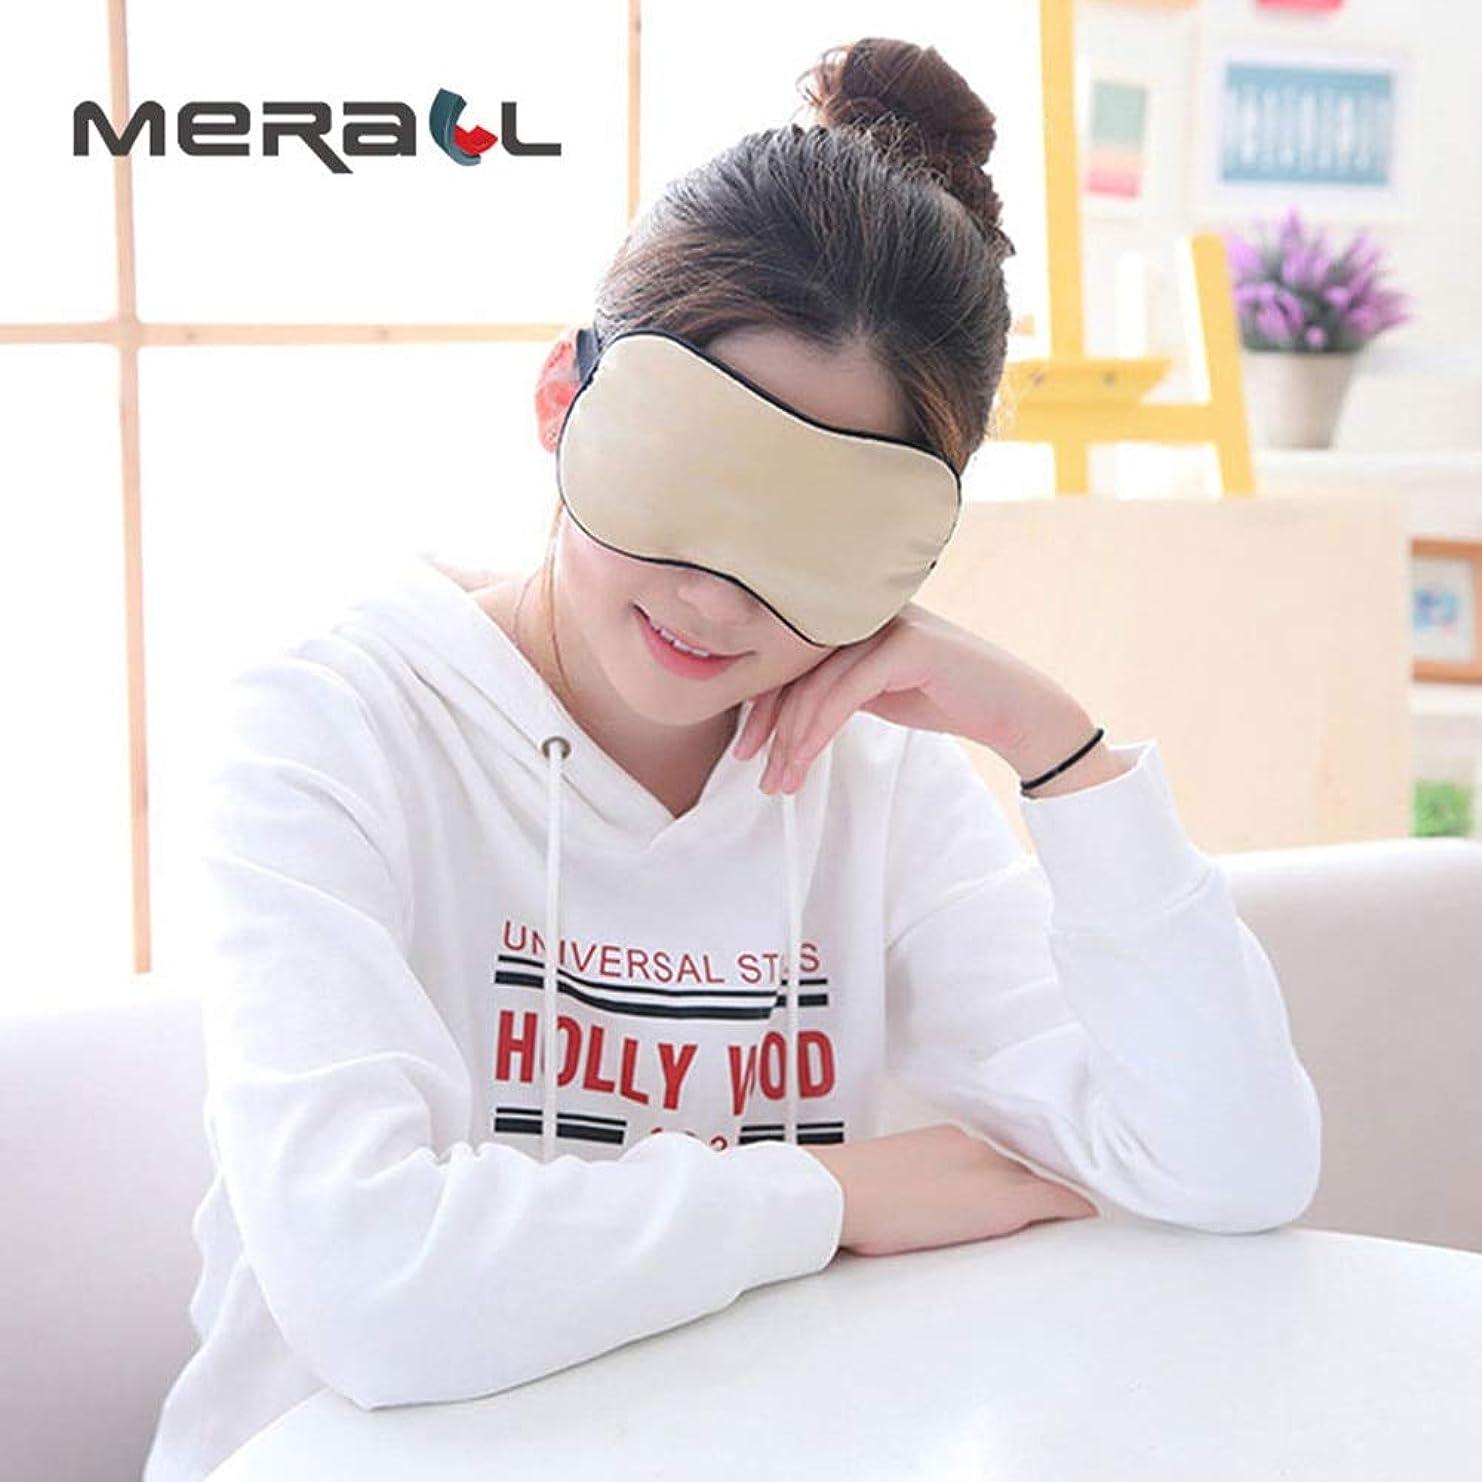 武装解除細分化する赤字NOTE 通気性睡眠アイマスク調節可能な両面模造本物のシルクコットンライトシェードブラック目隠し睡眠ケアエイドツール1ピース